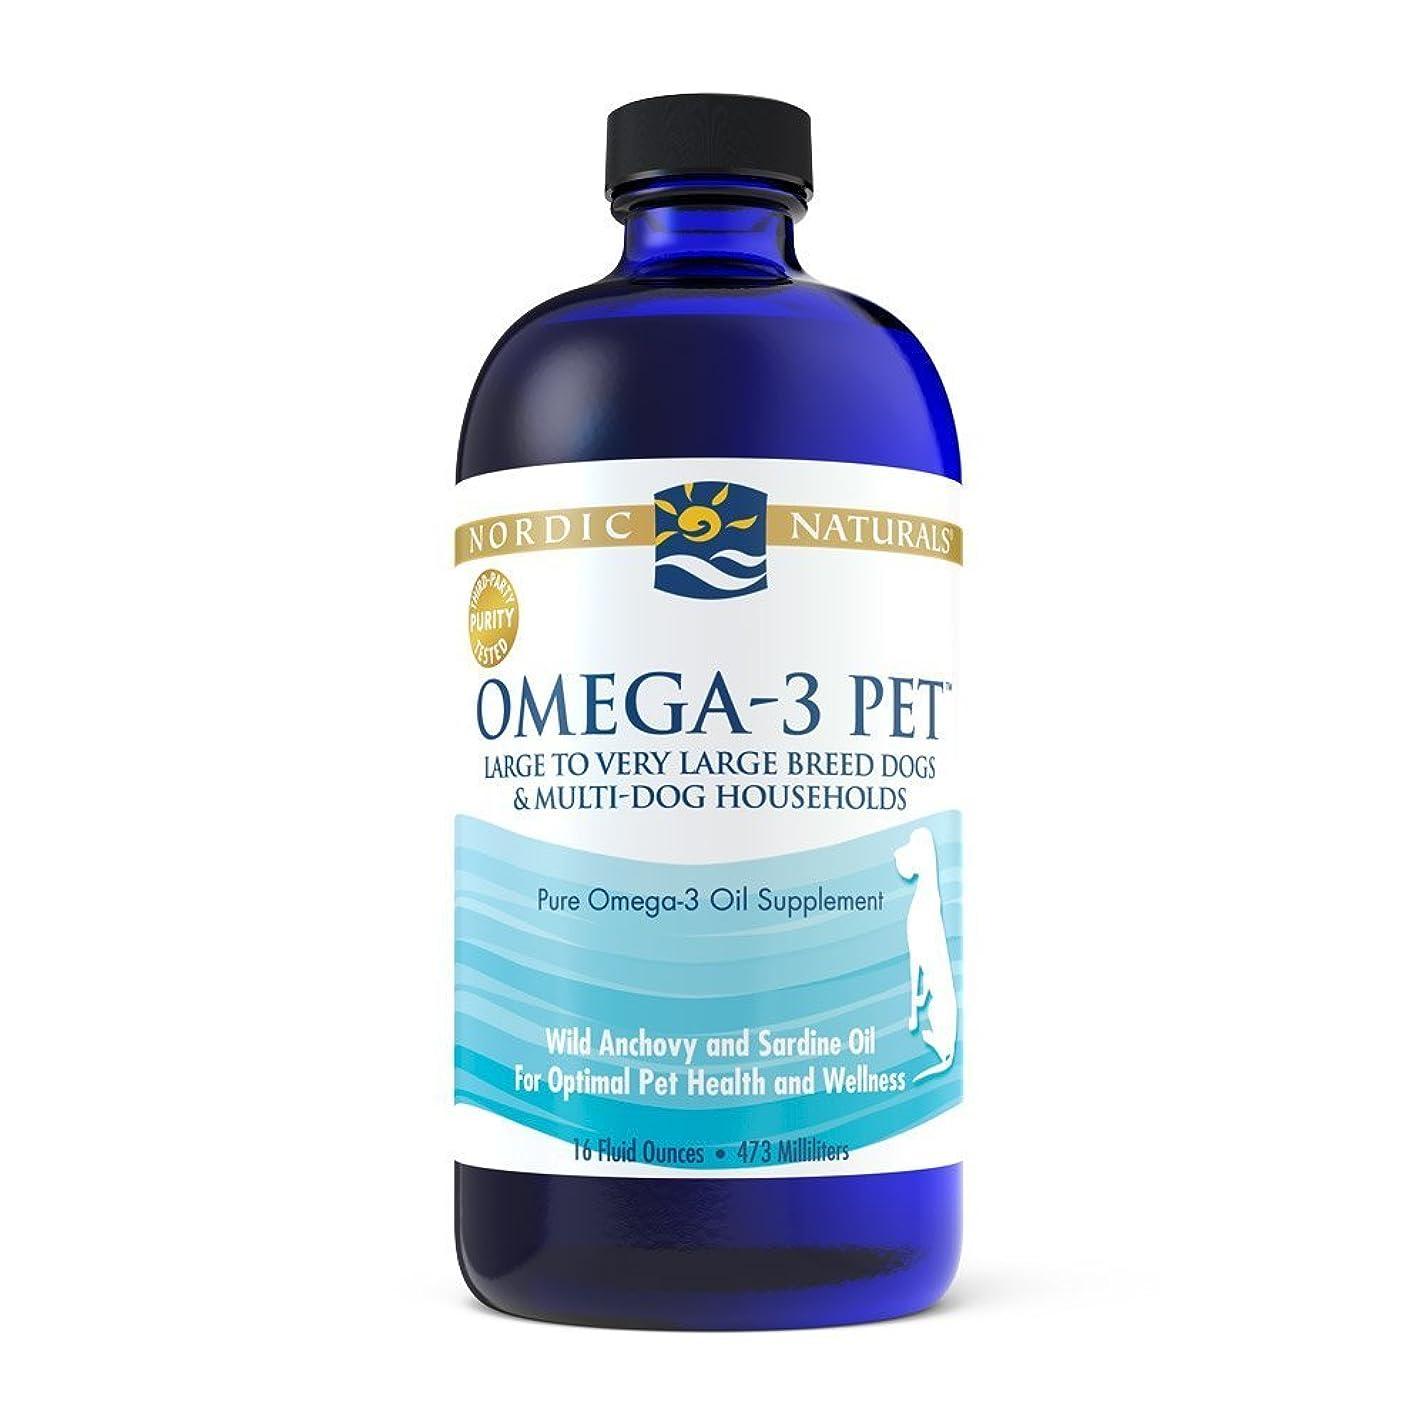 感動する密輸ソフィーNordic Naturals Fish Oil OMEGA-3 Essential Fatty Acid for Dogs + Cats 16 oz 海外直送品